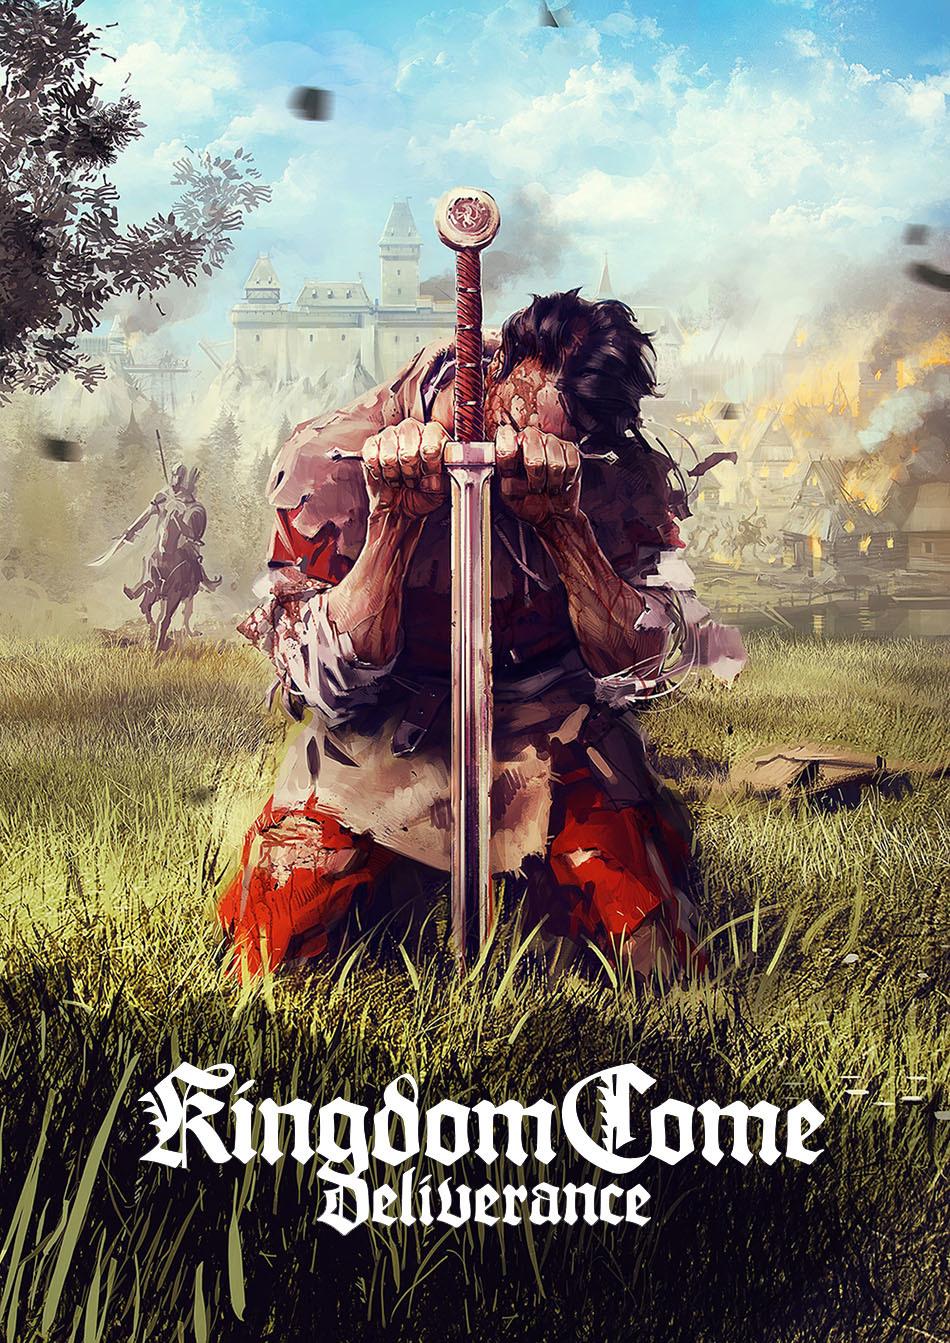 مود سریال Game of Thrones برای بازی Kingdom Come Deliverance عرضه خواهد شد